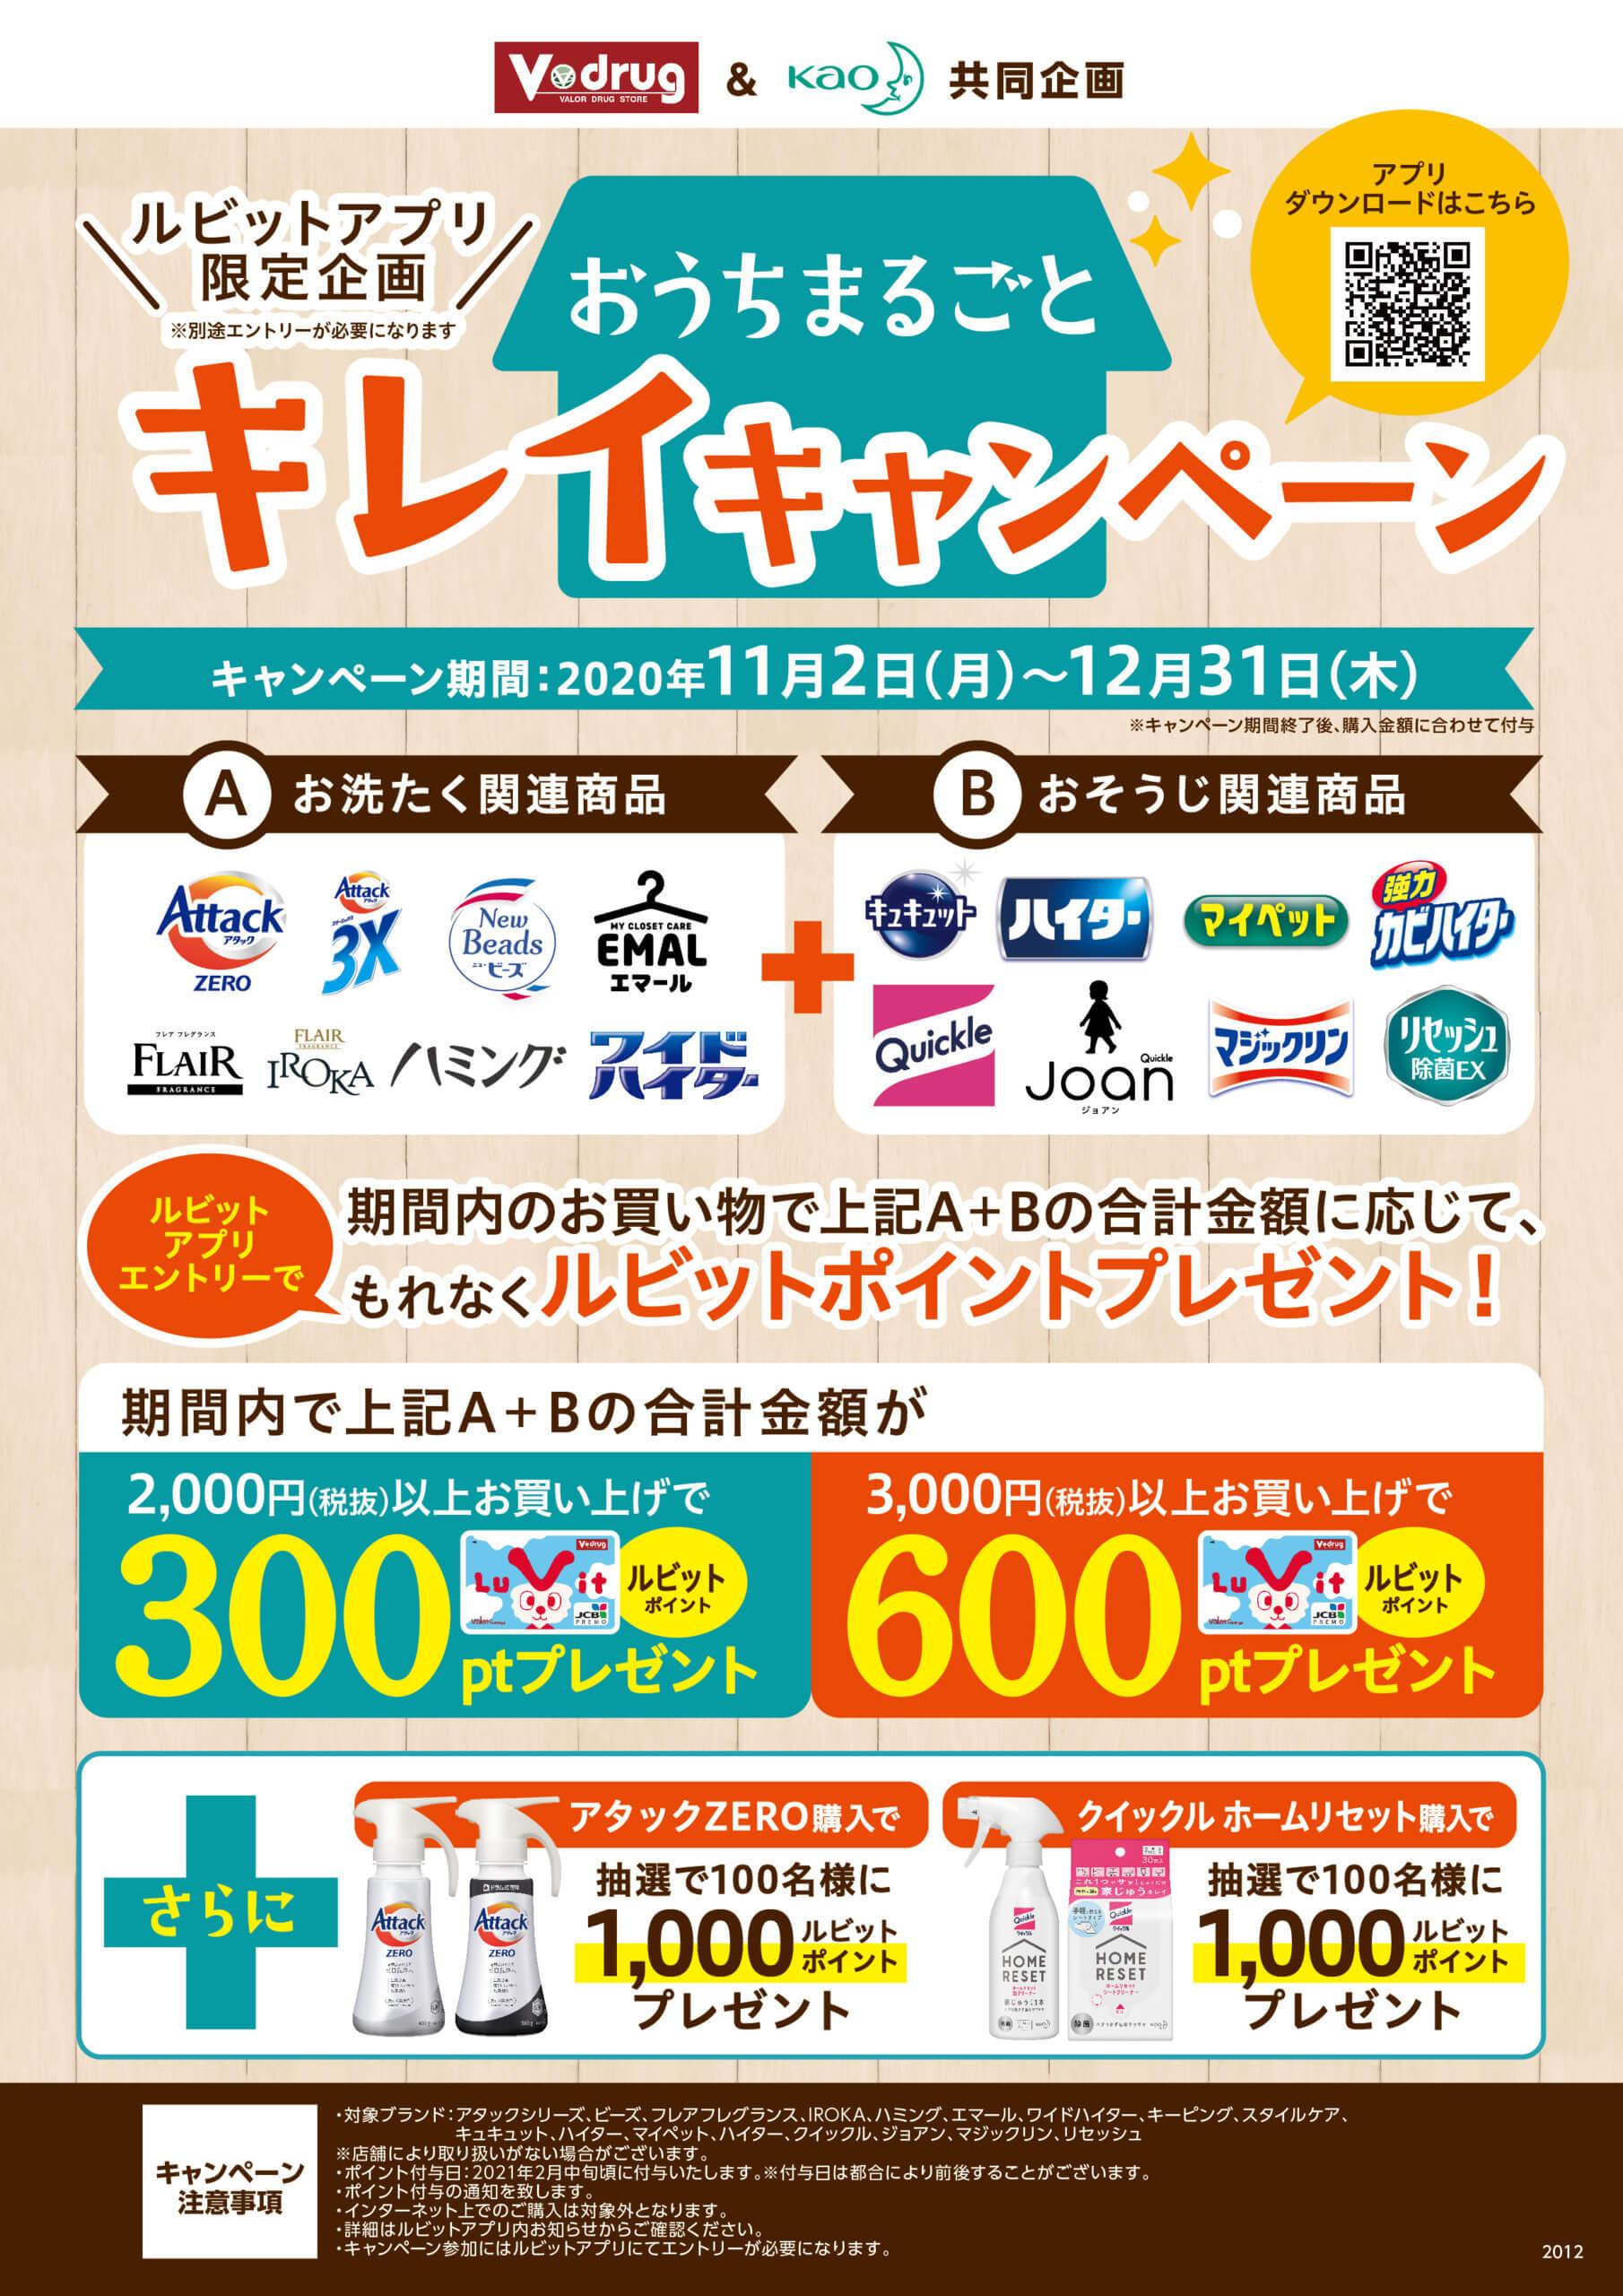 キャンペーン 花王 【ウエル活も可】ウエルシア花王キャンペーンで最大20%Tポイント還元!